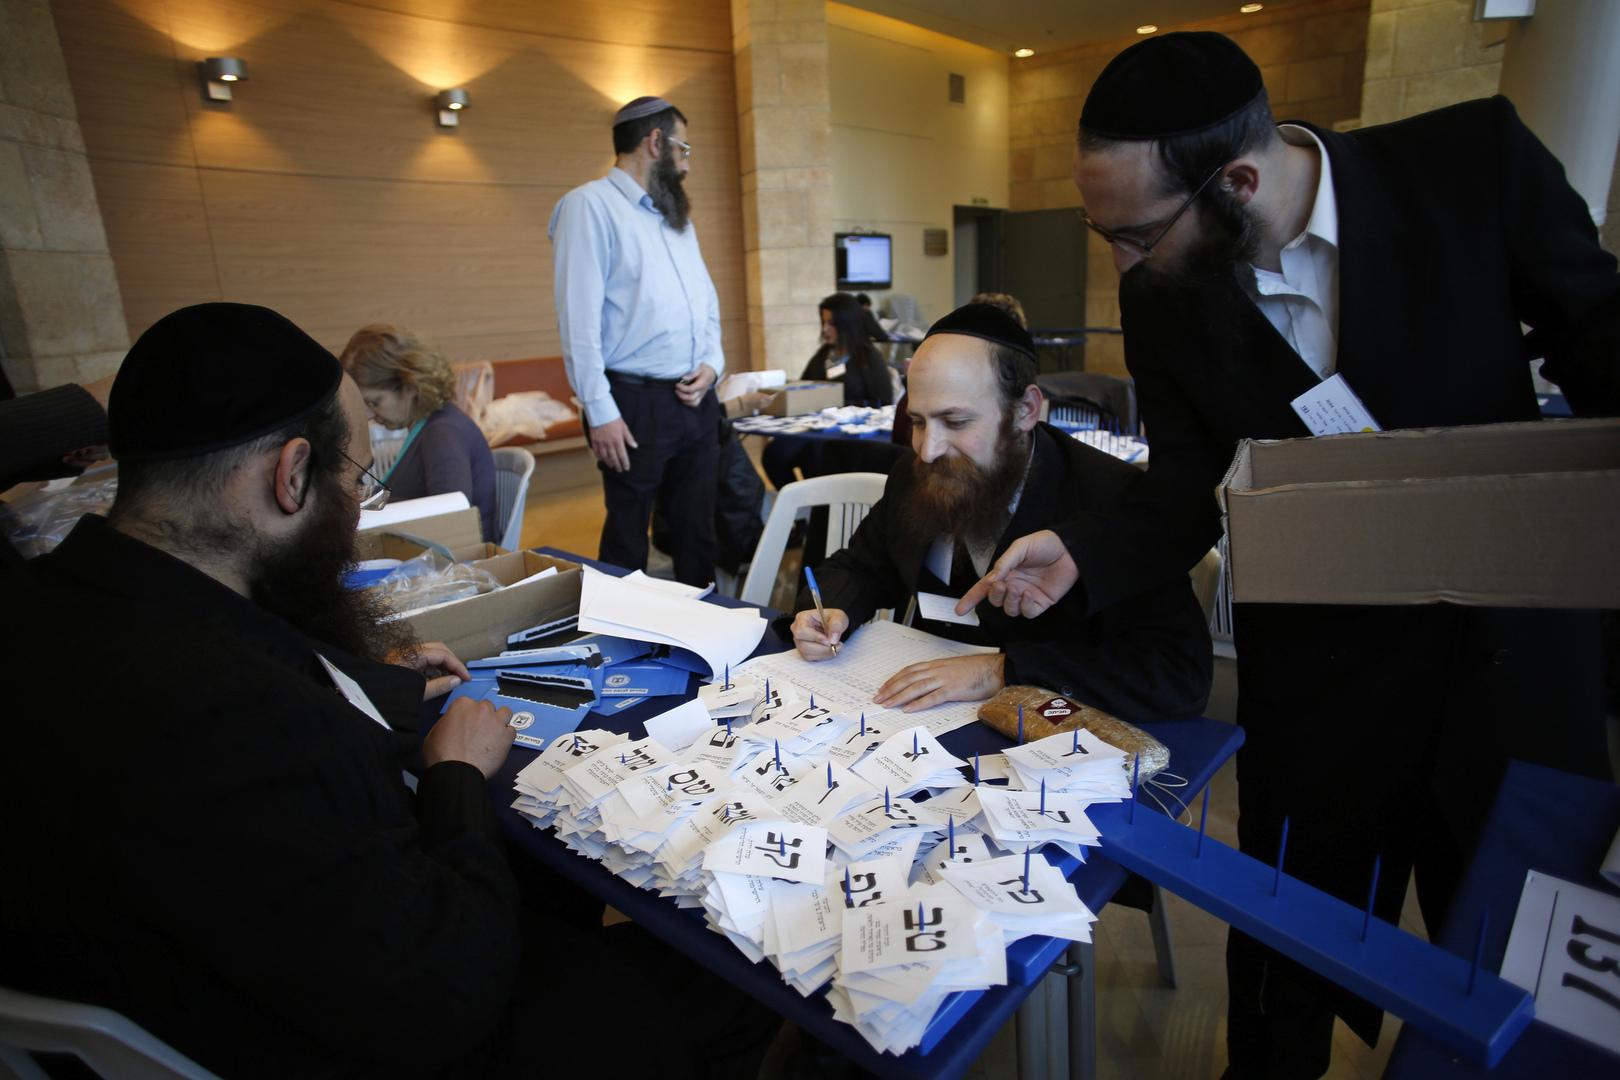 إسرائيل.. 3 أحزاب يمينية تخوض الانتخابات بقائمة موحدة